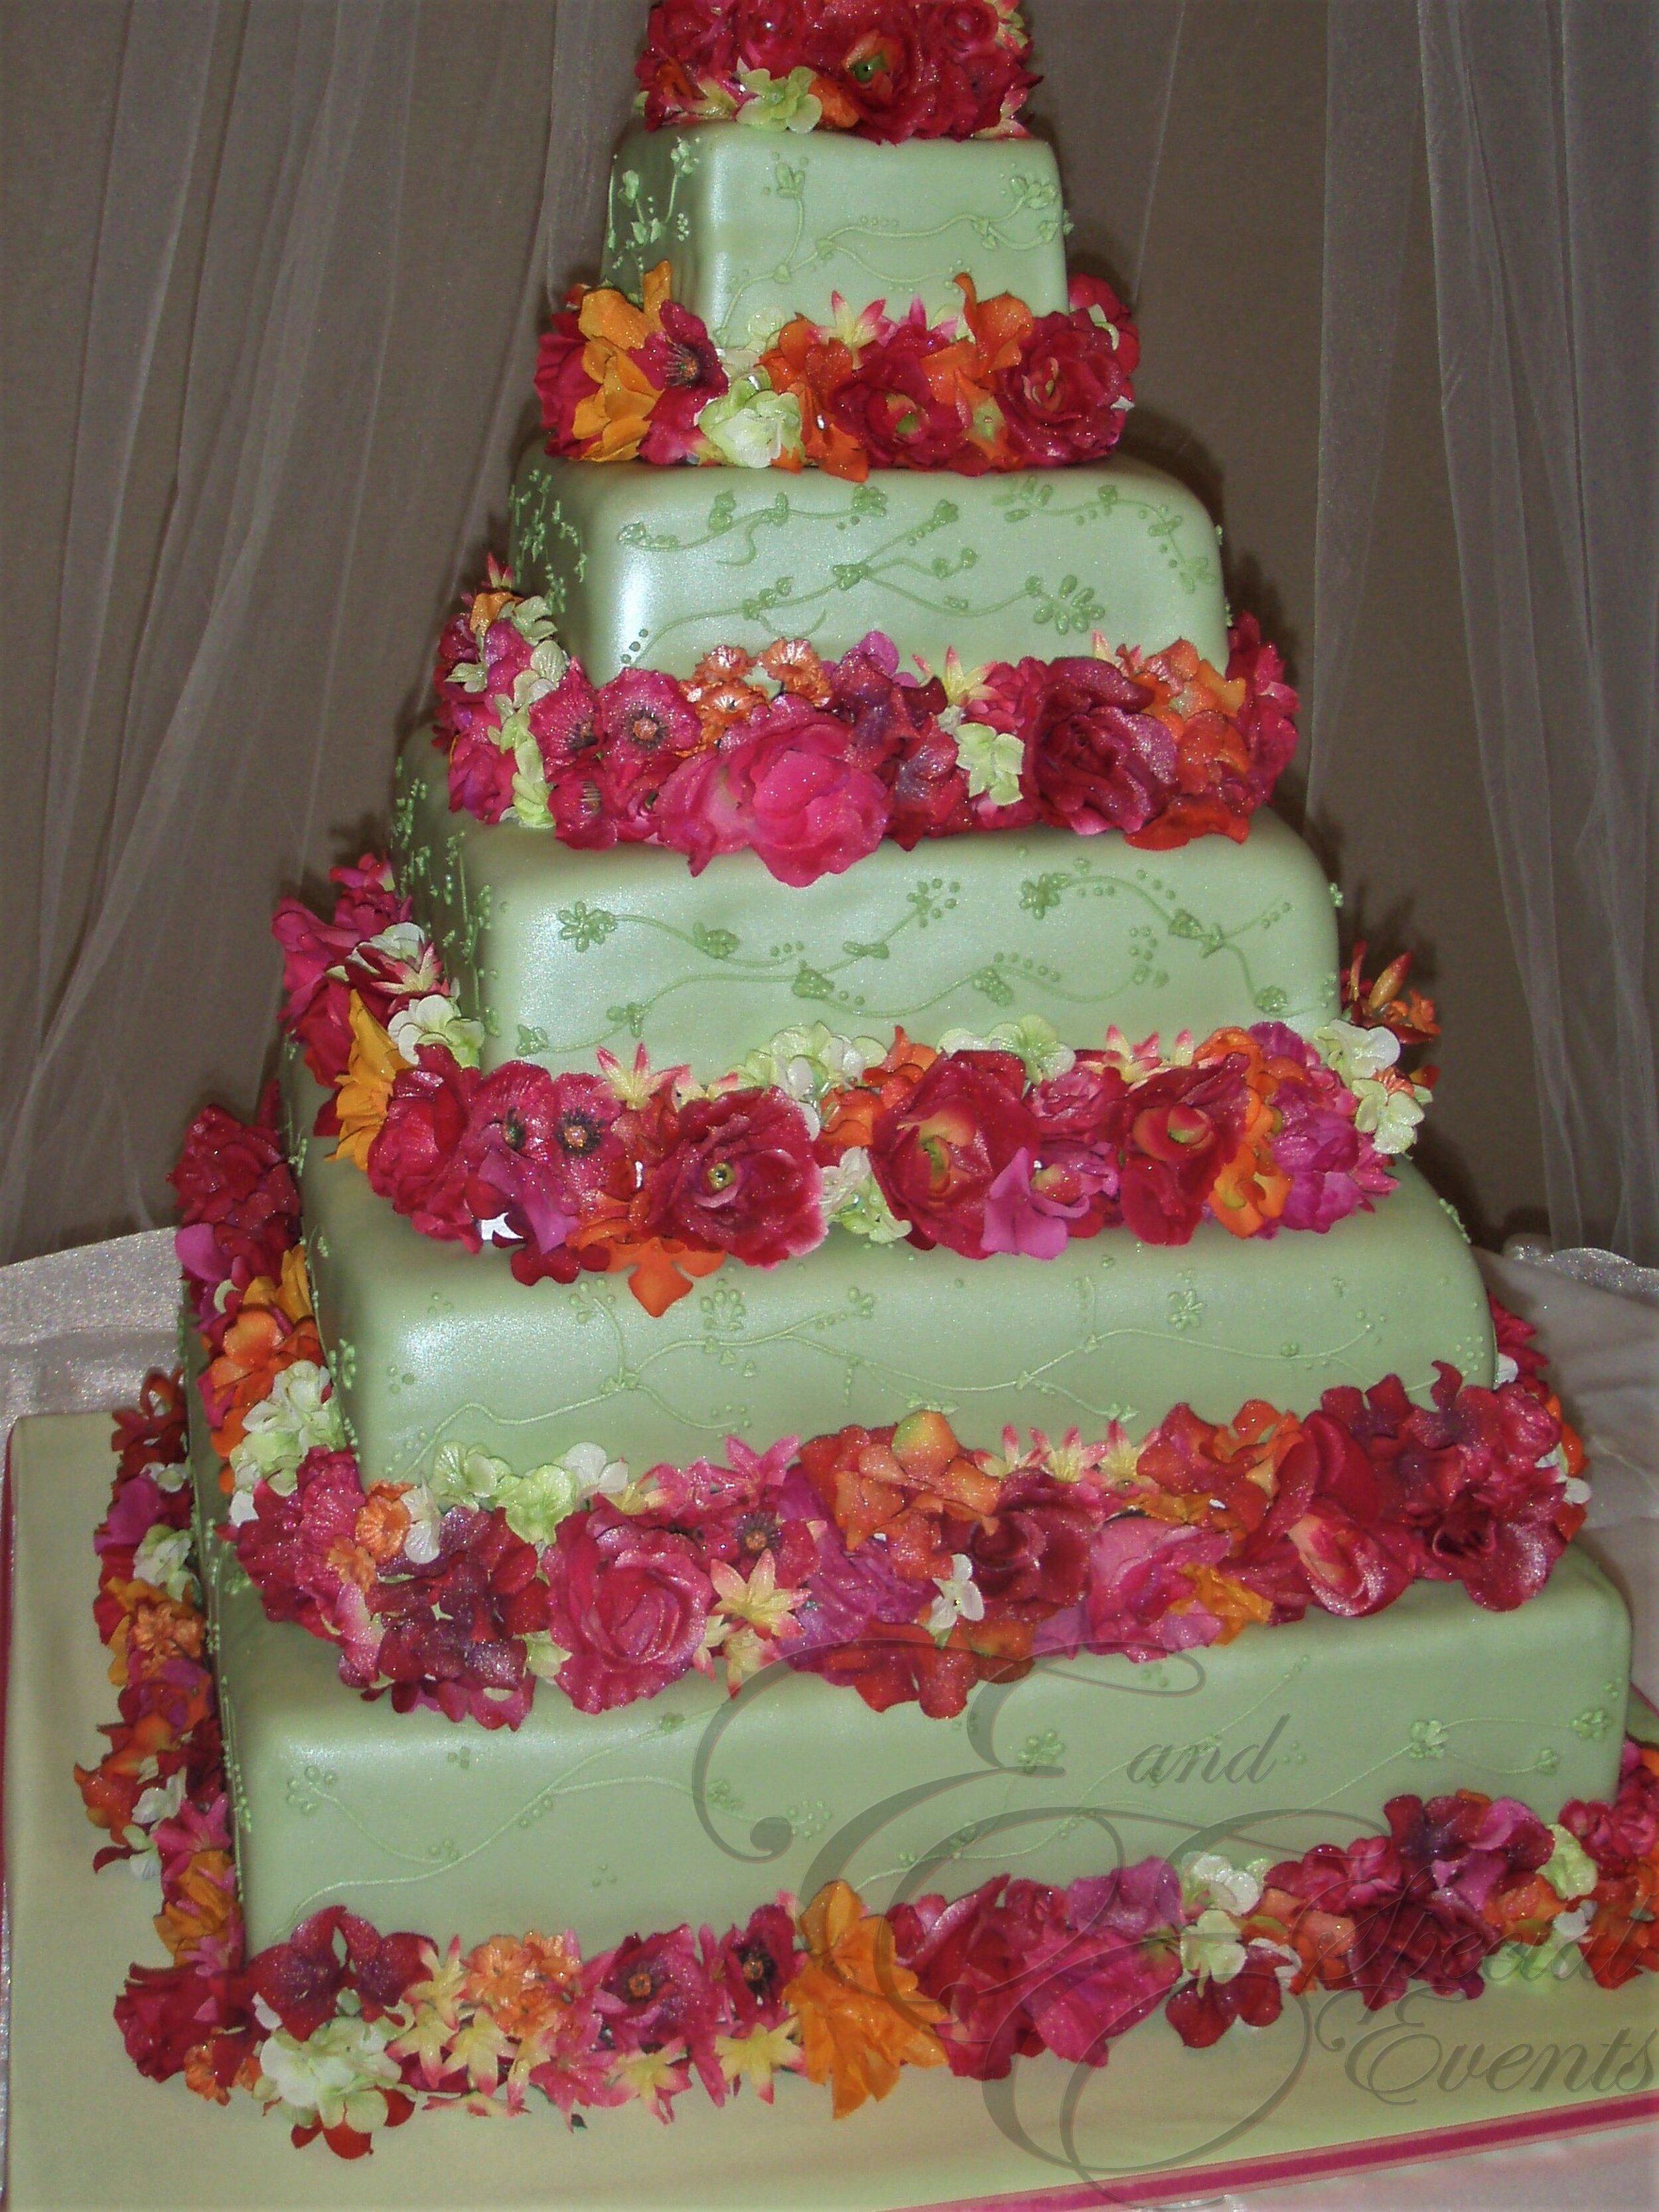 E_E_Special_Events_Unique_Wedding_Cakes_Virginia_Beach_Hampton_Roads51.jpg